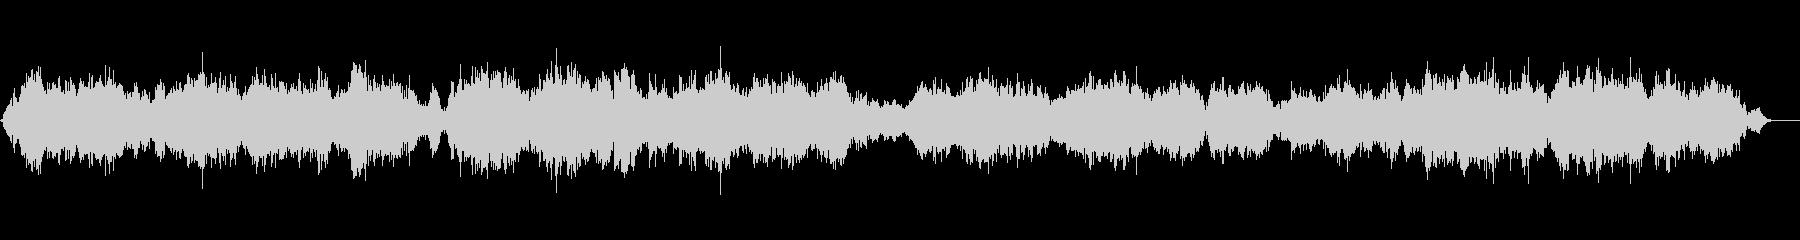 スモールスタジオオーディエンス:怒...の未再生の波形